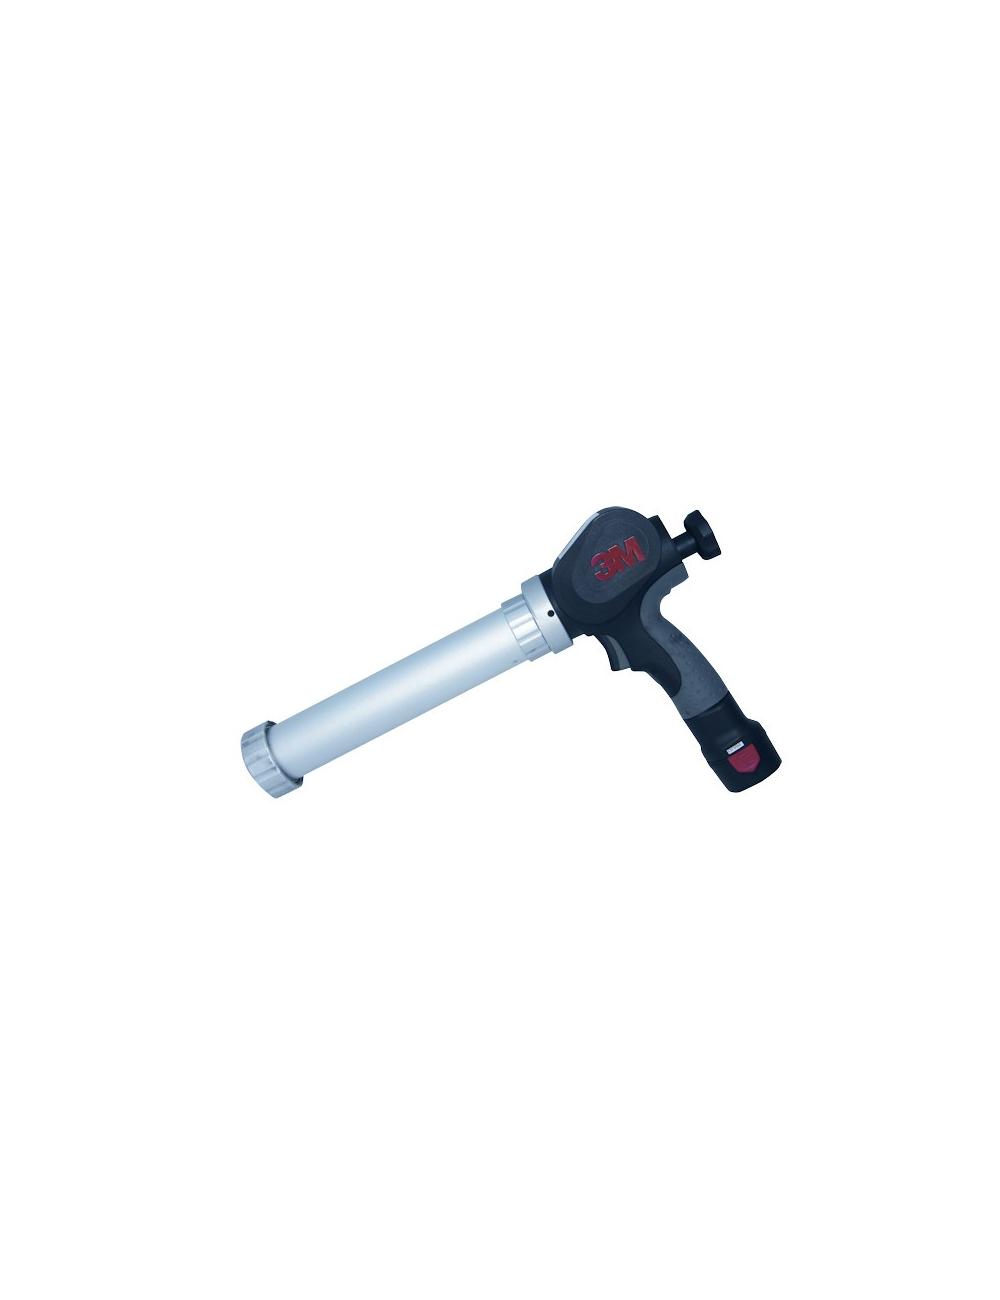 Pistolet éléctrique 10,7 V pour cart./ sachet 415ml ( 2 Bat.+Charg.)